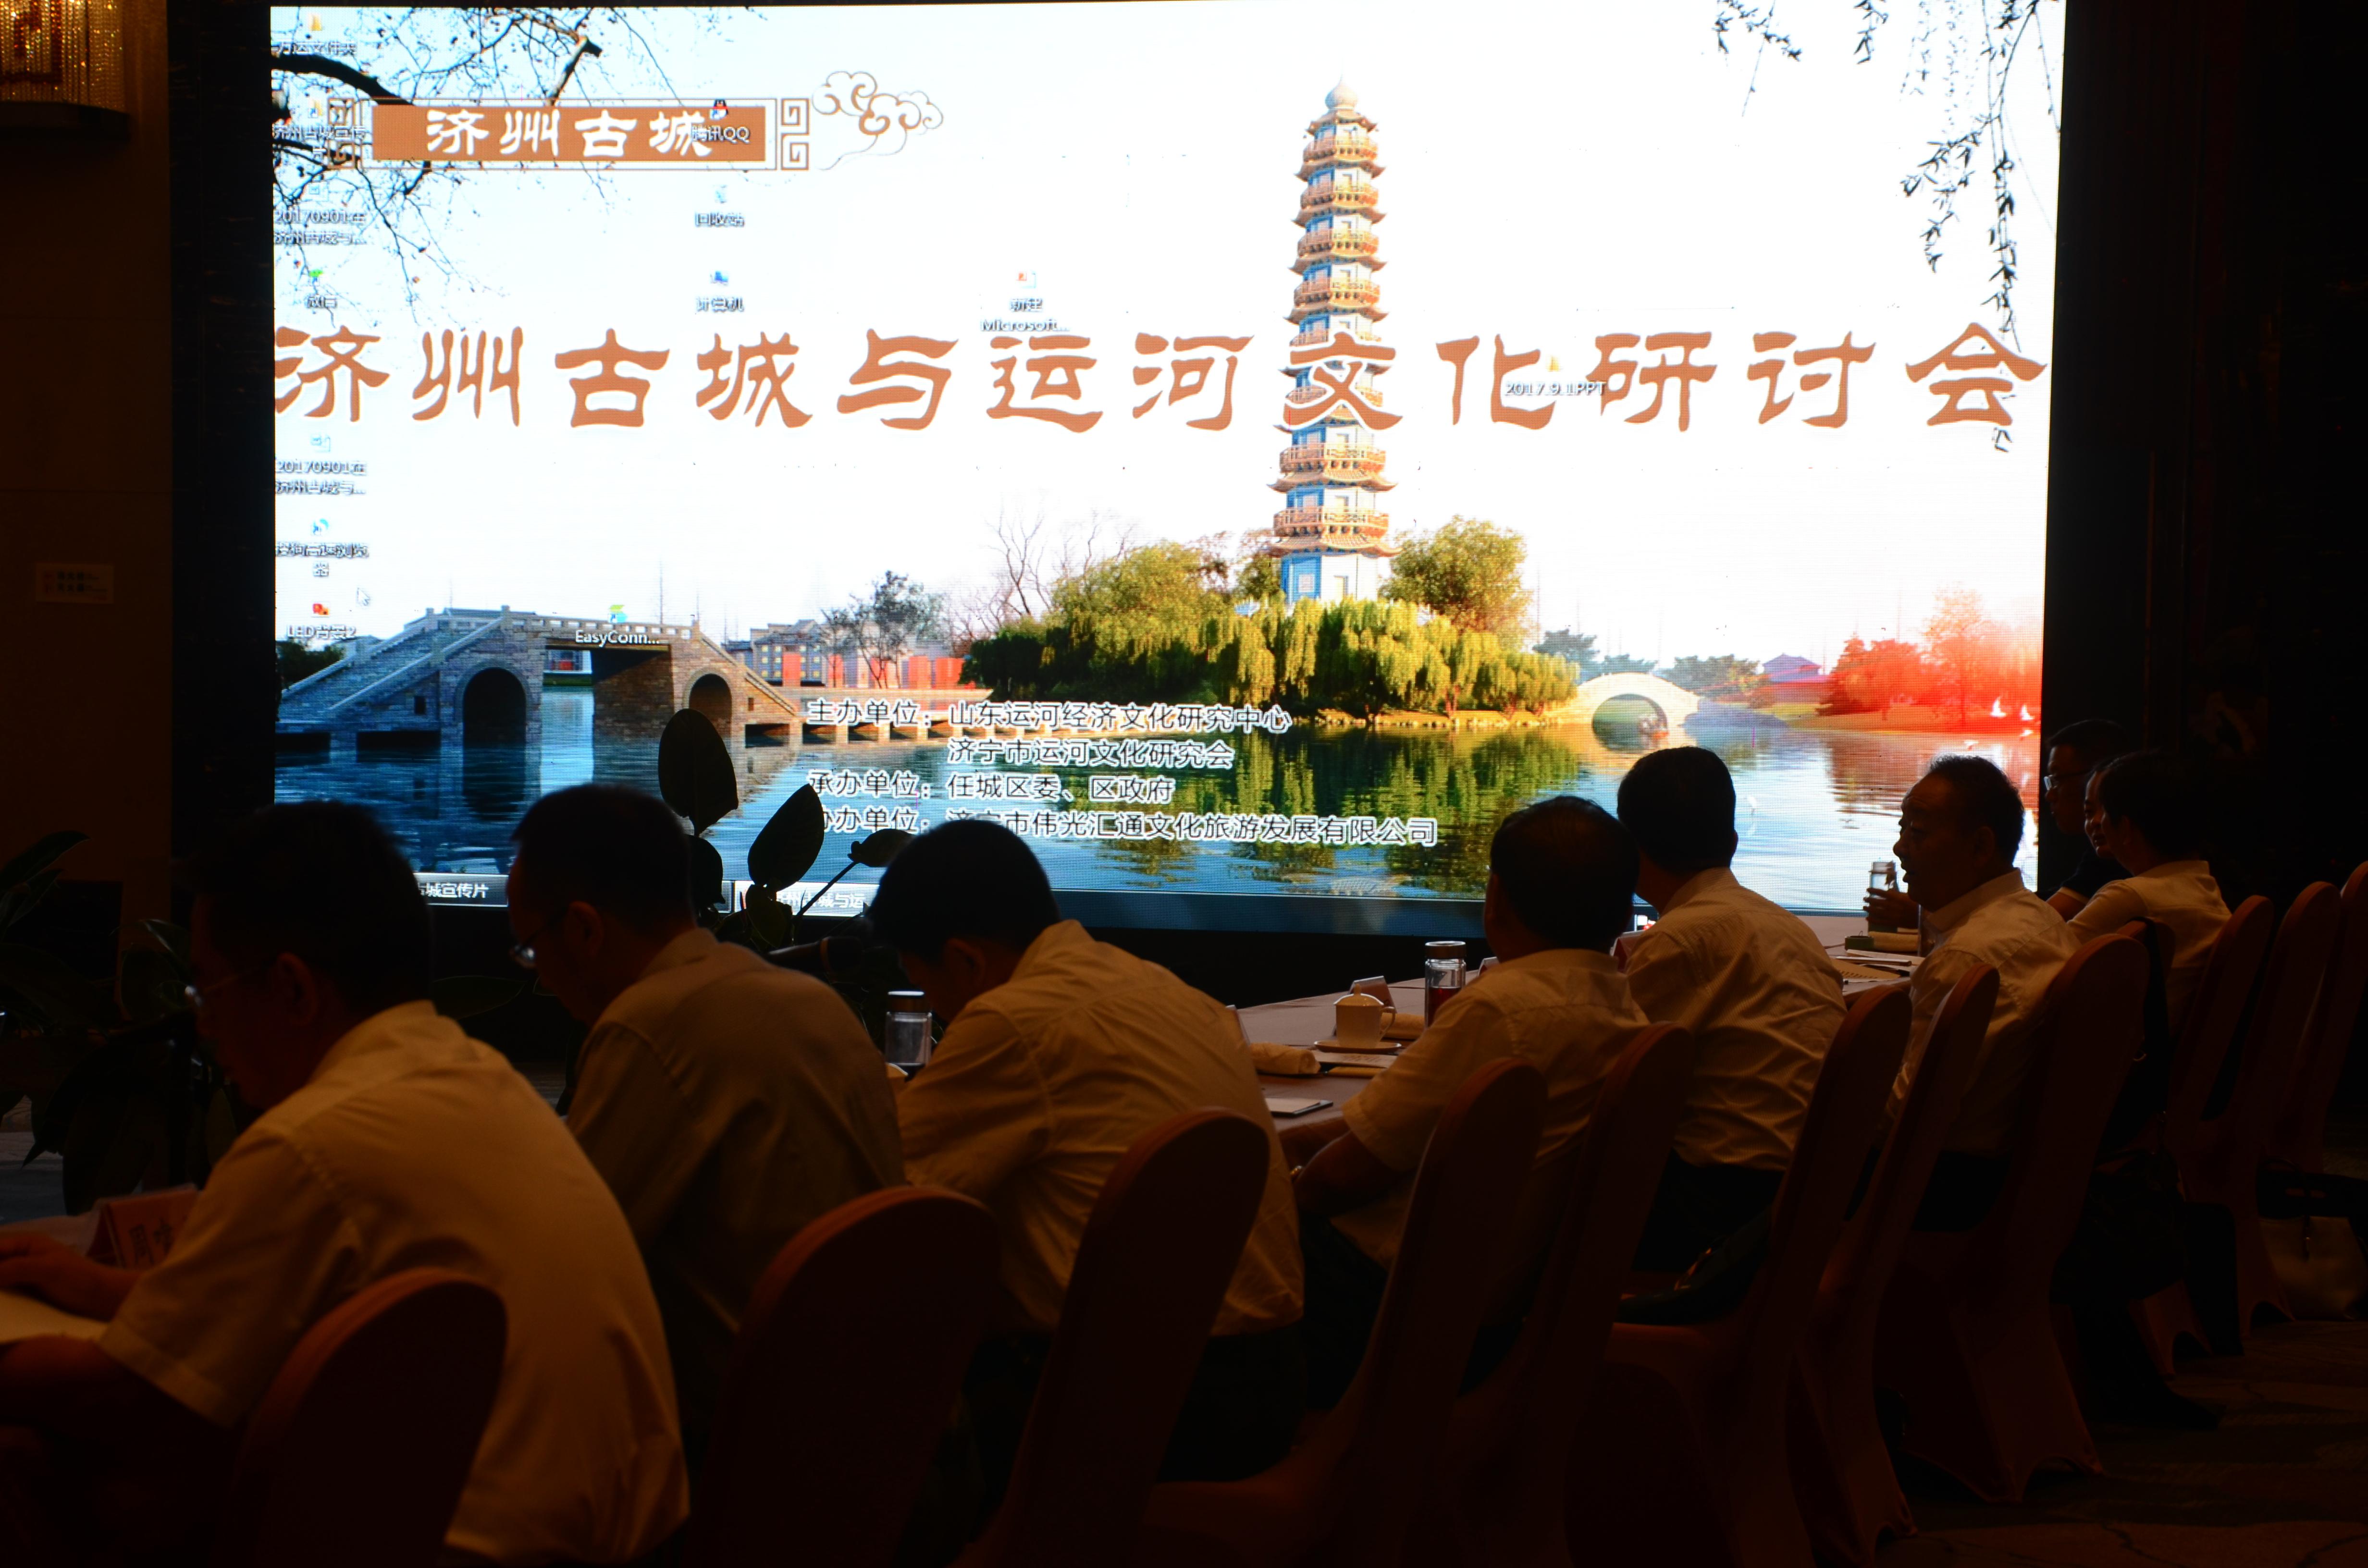 济州古城项目计划年底开工 开启济宁旅游新时代